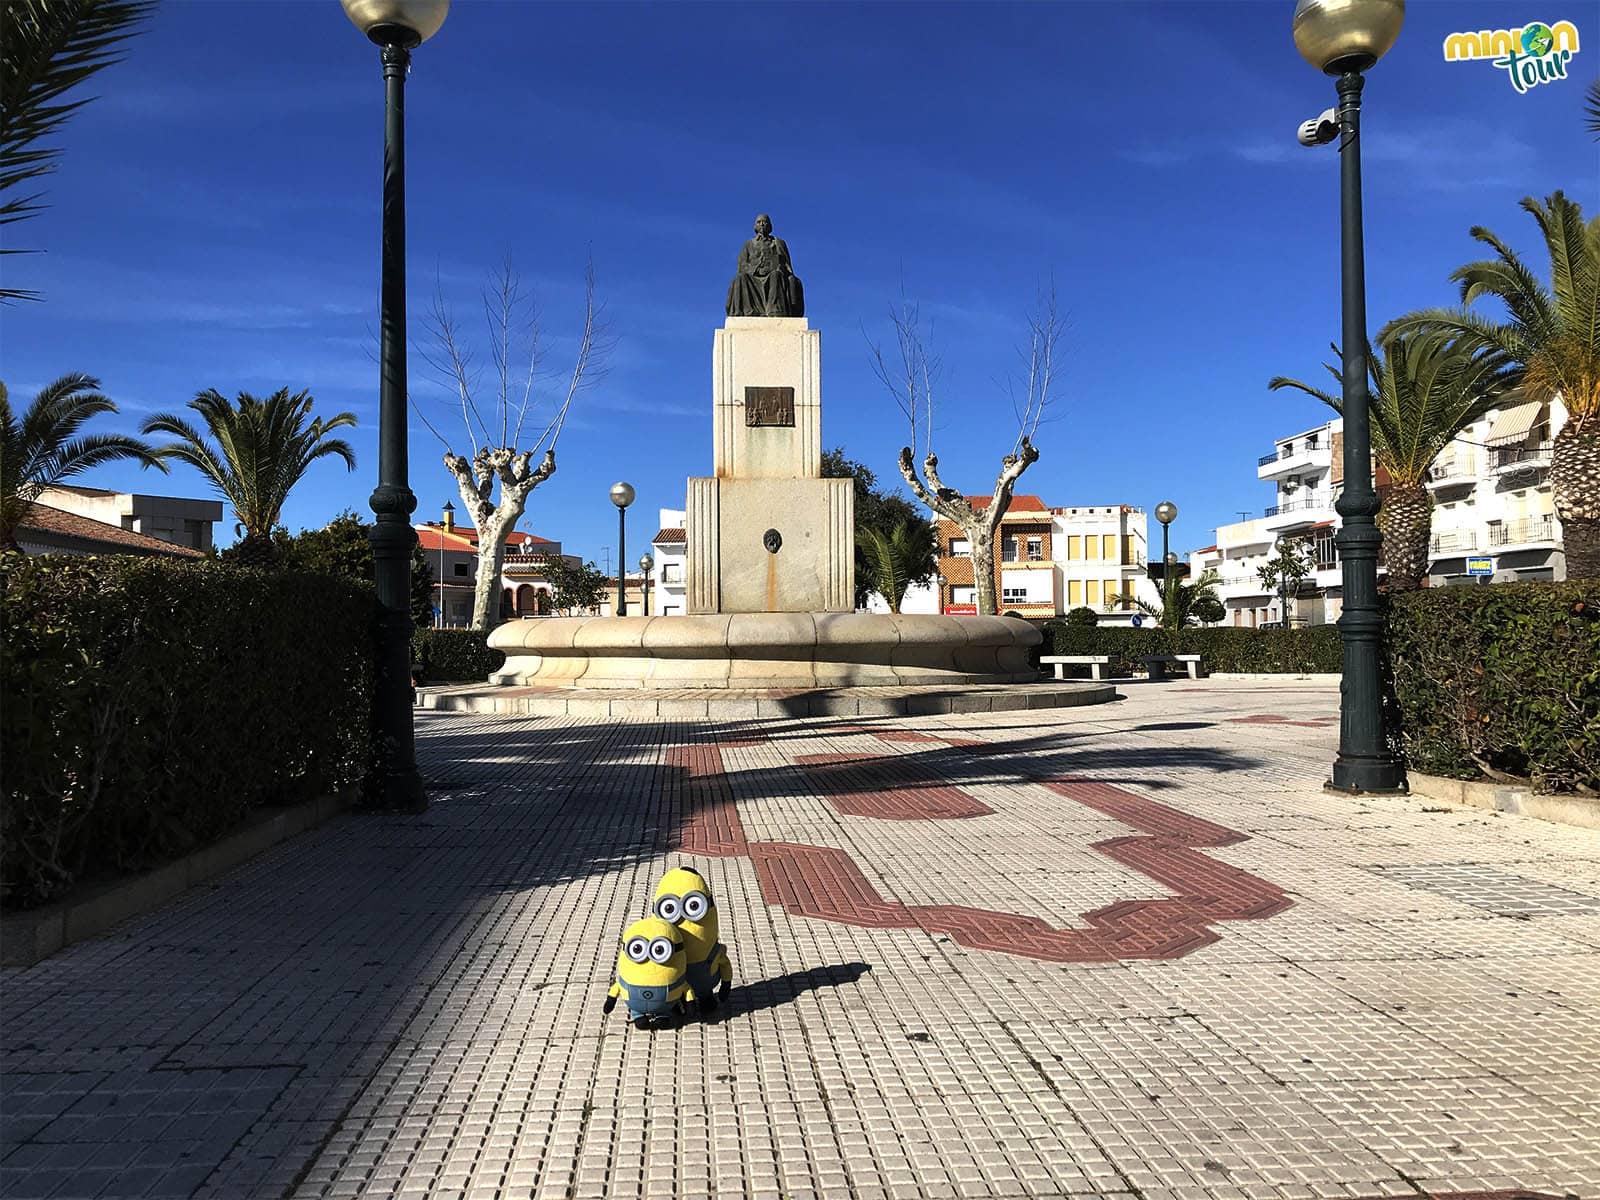 Posando con la estatua de Calderón de la Barca